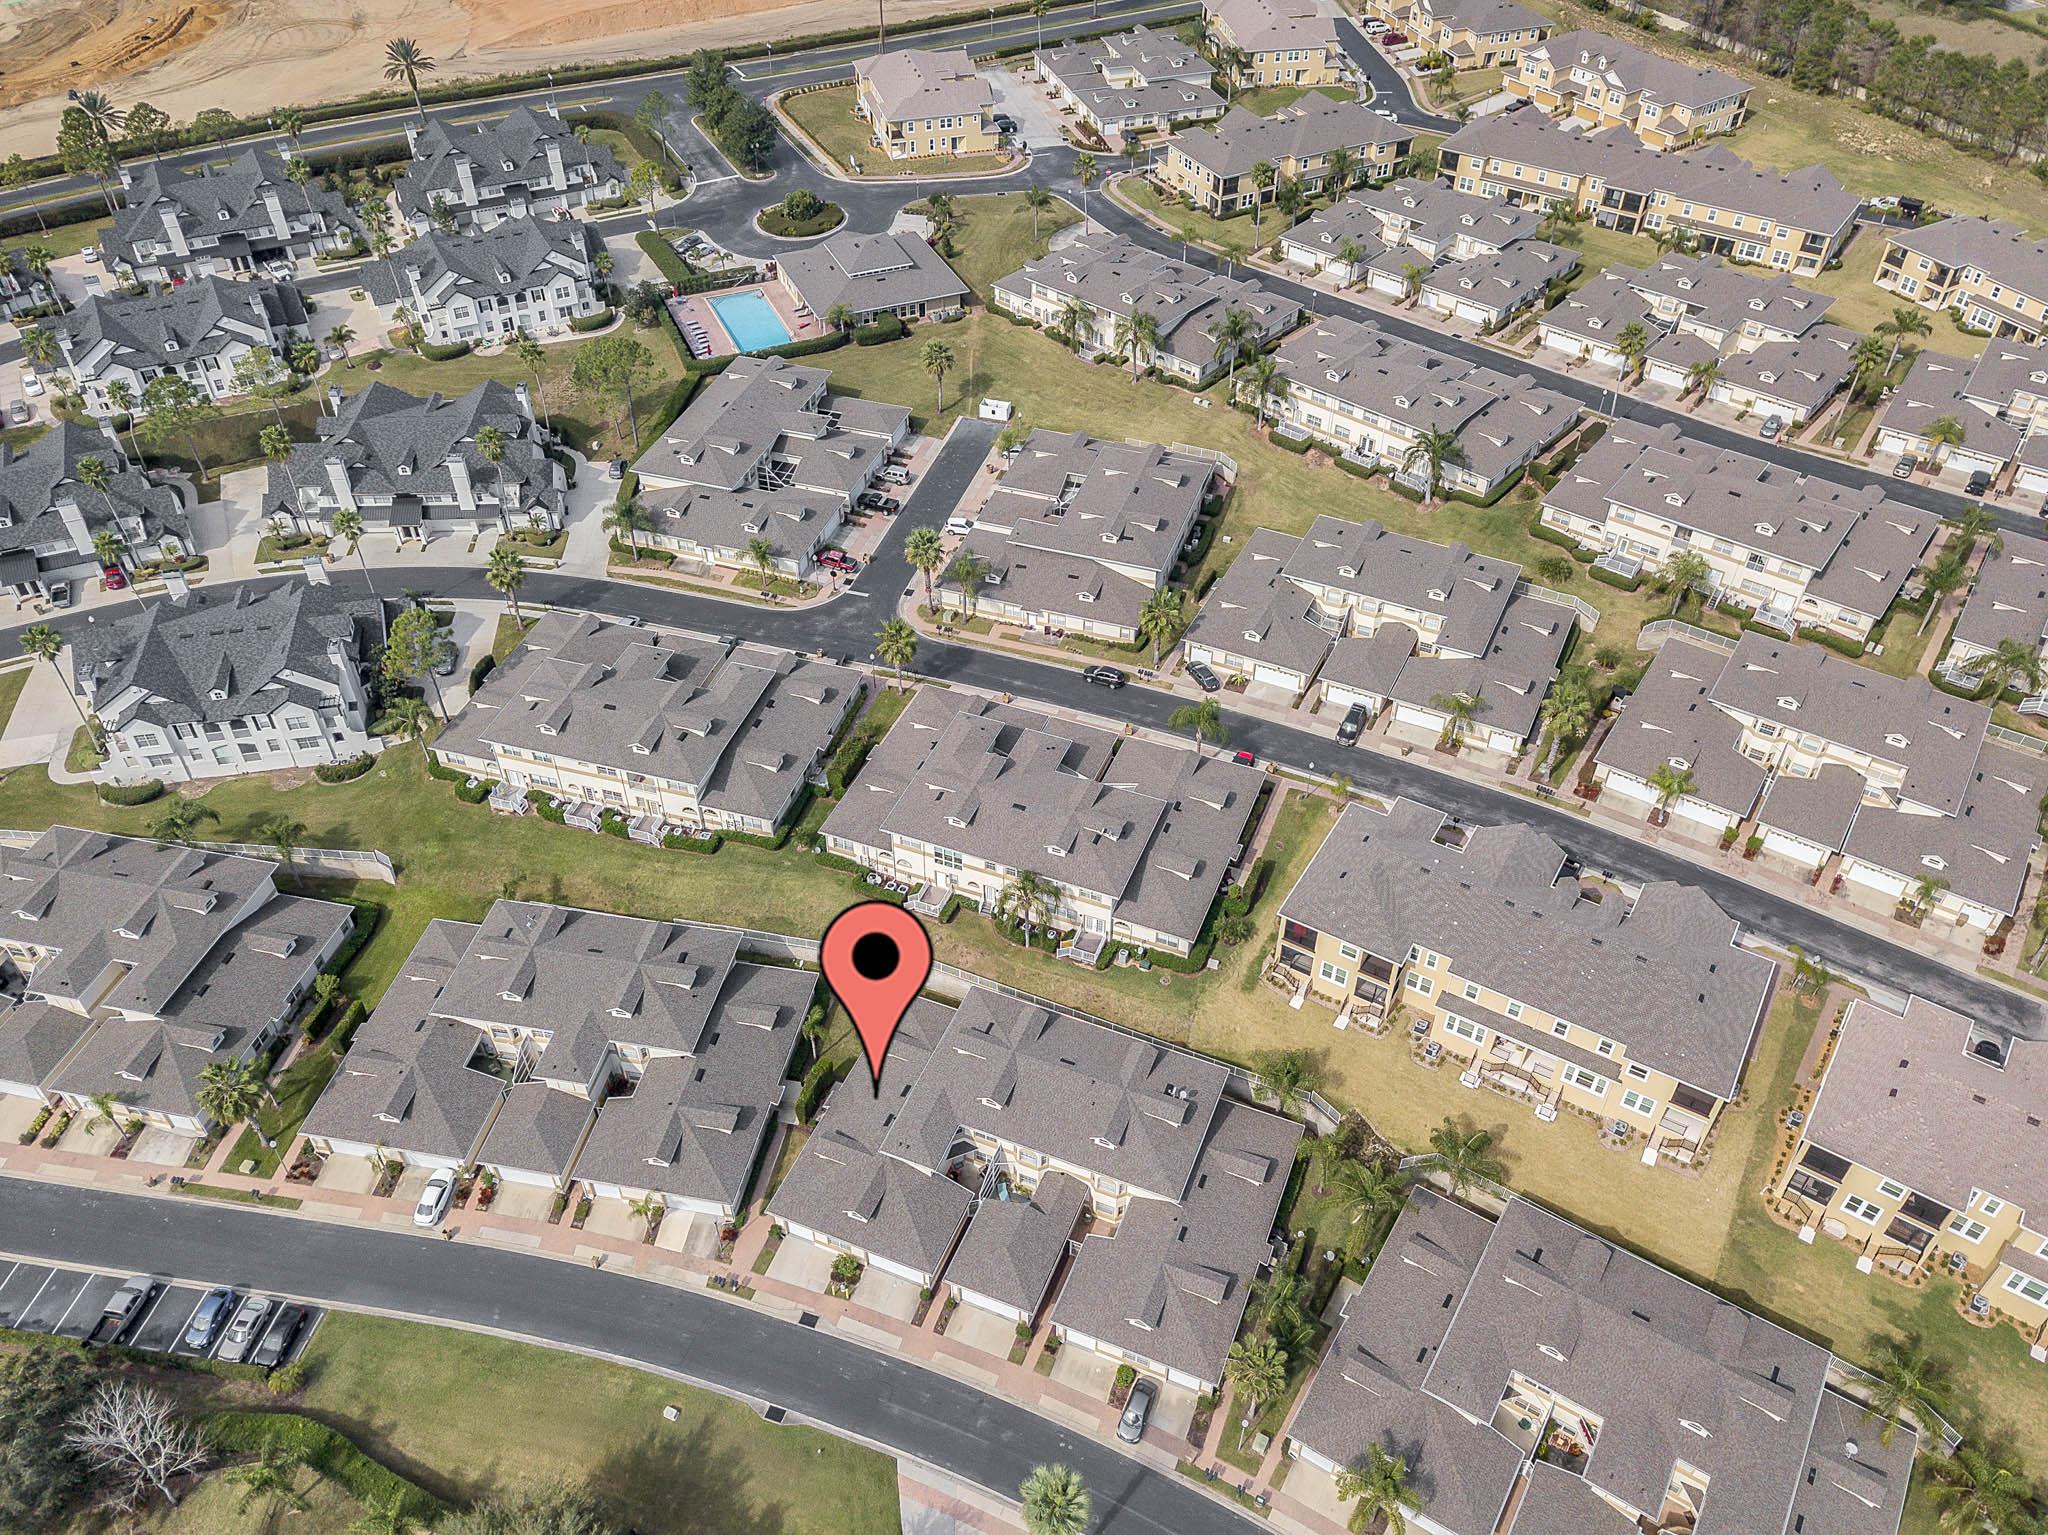 13312 Fountainbleau Dr, Clermont, FL 34711